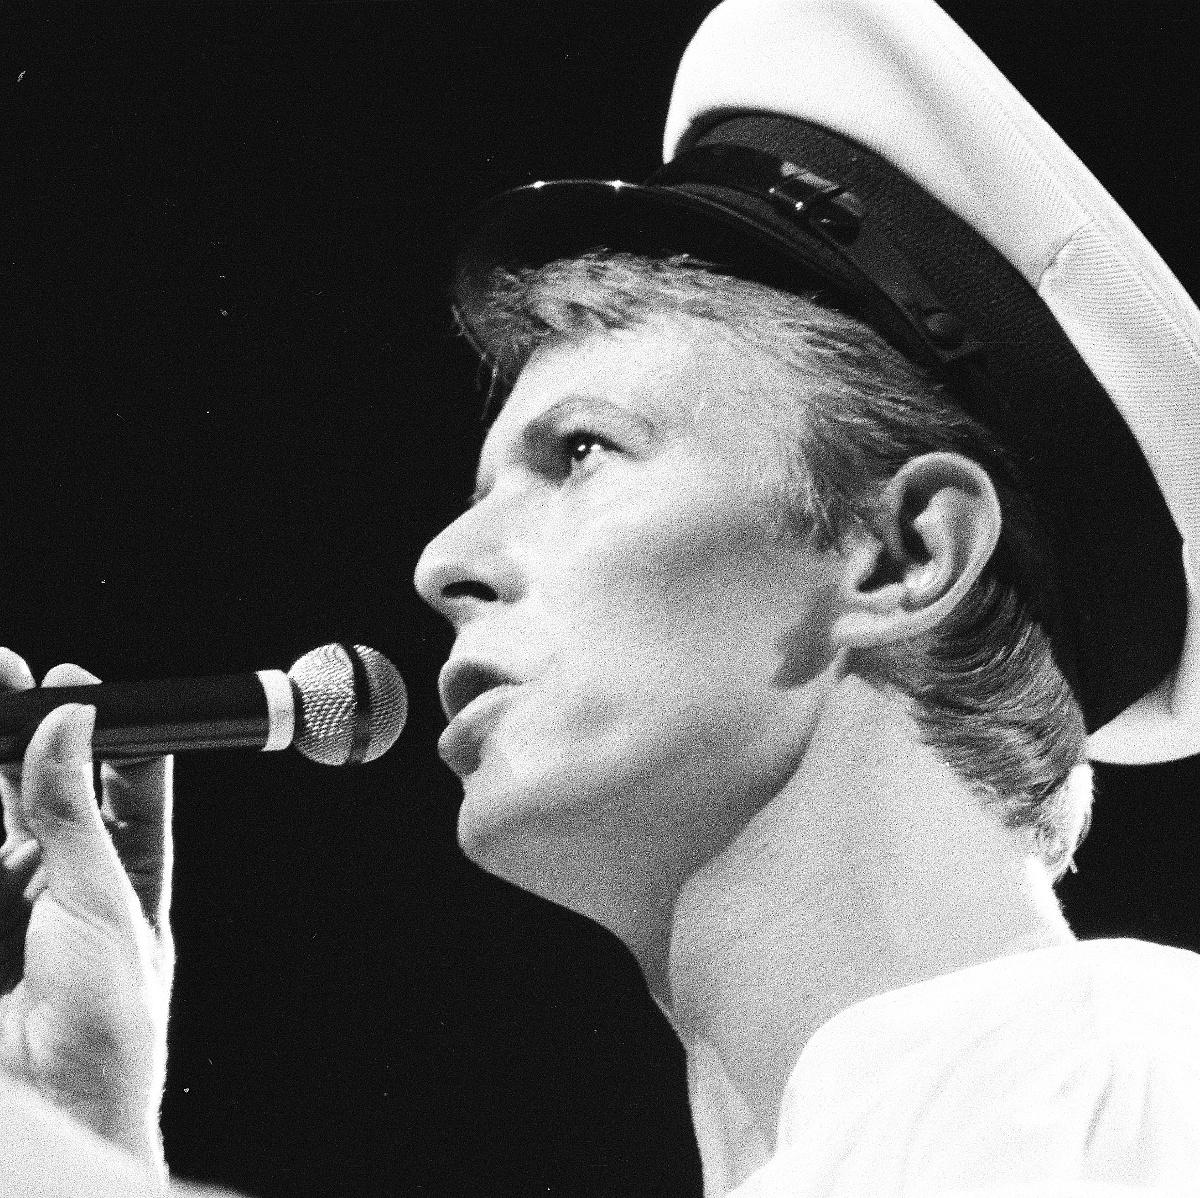 Hősök, nem csak egy napra – dalok a 30 éve ledőlt Fal árnyékában